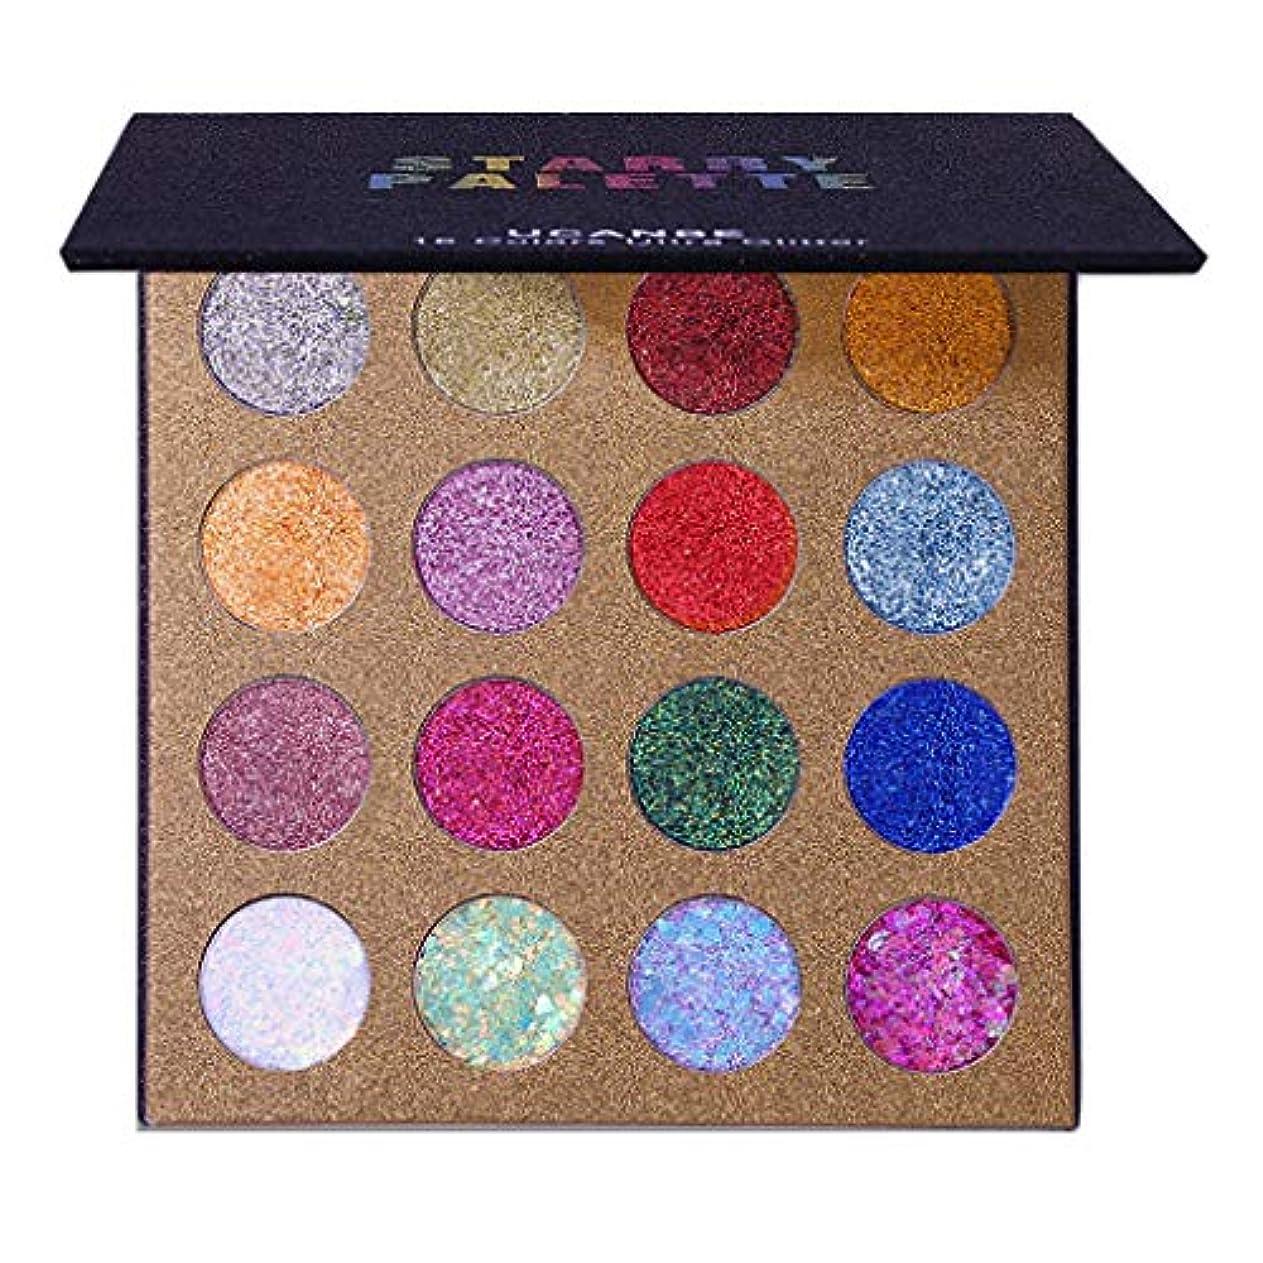 パッドスキャン作詞家GOOD lask 16色のきらめきのきらめきのアイシャドウの粉のアイシャドウの化粧品の構造